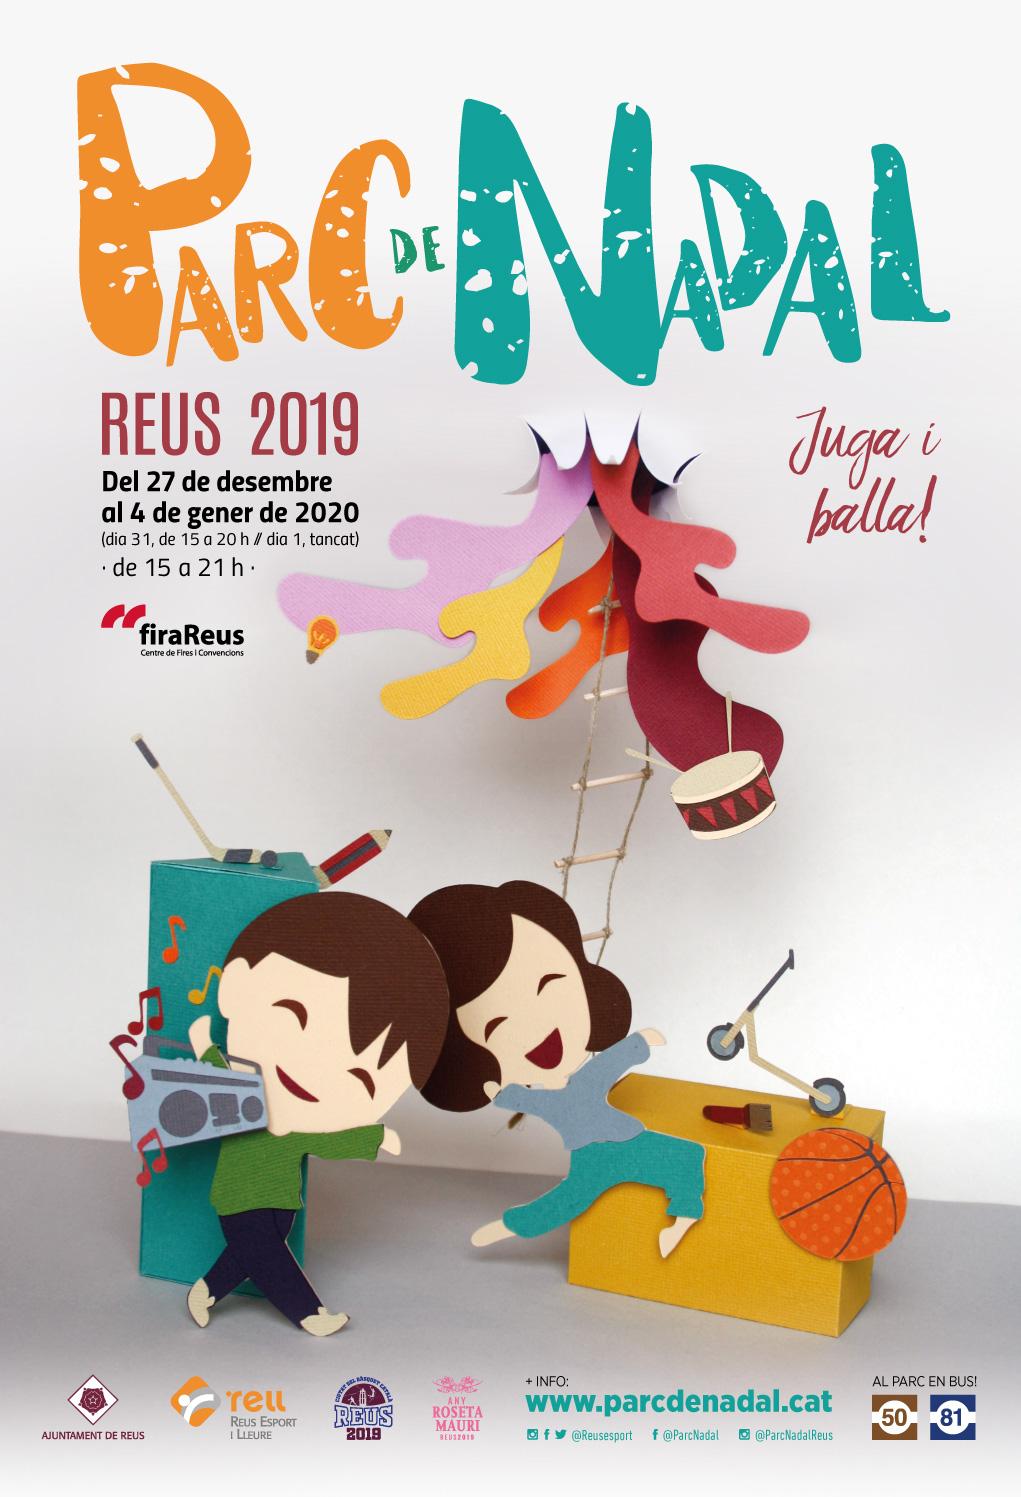 Cartell del Parc de Nadal de Reus 2019